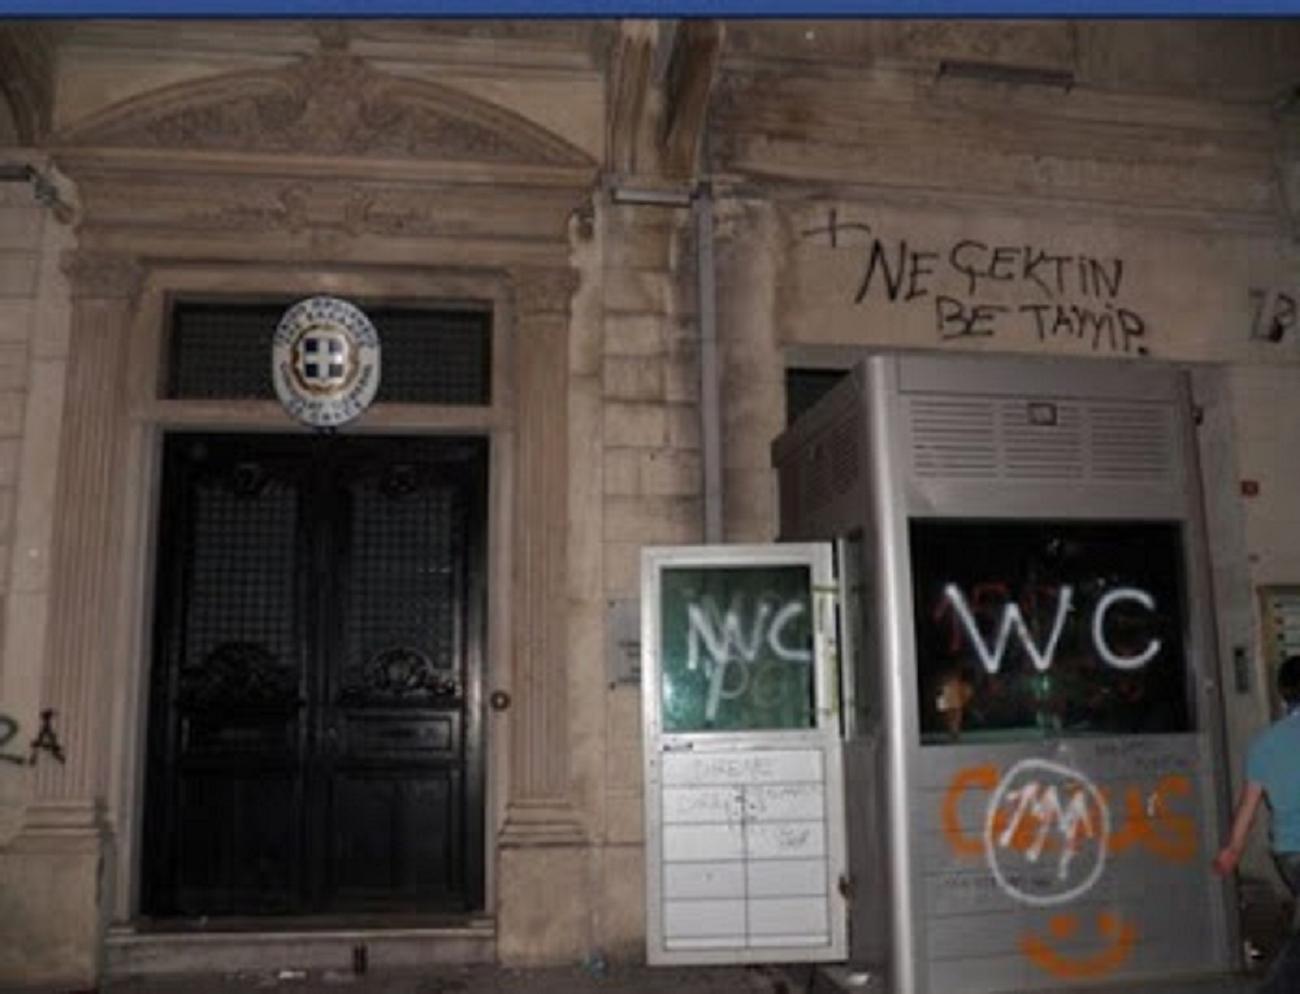 Γιατί syriza κι ὄχι «Γιουνάνηδες θά σᾶς σφάξουμε»;2